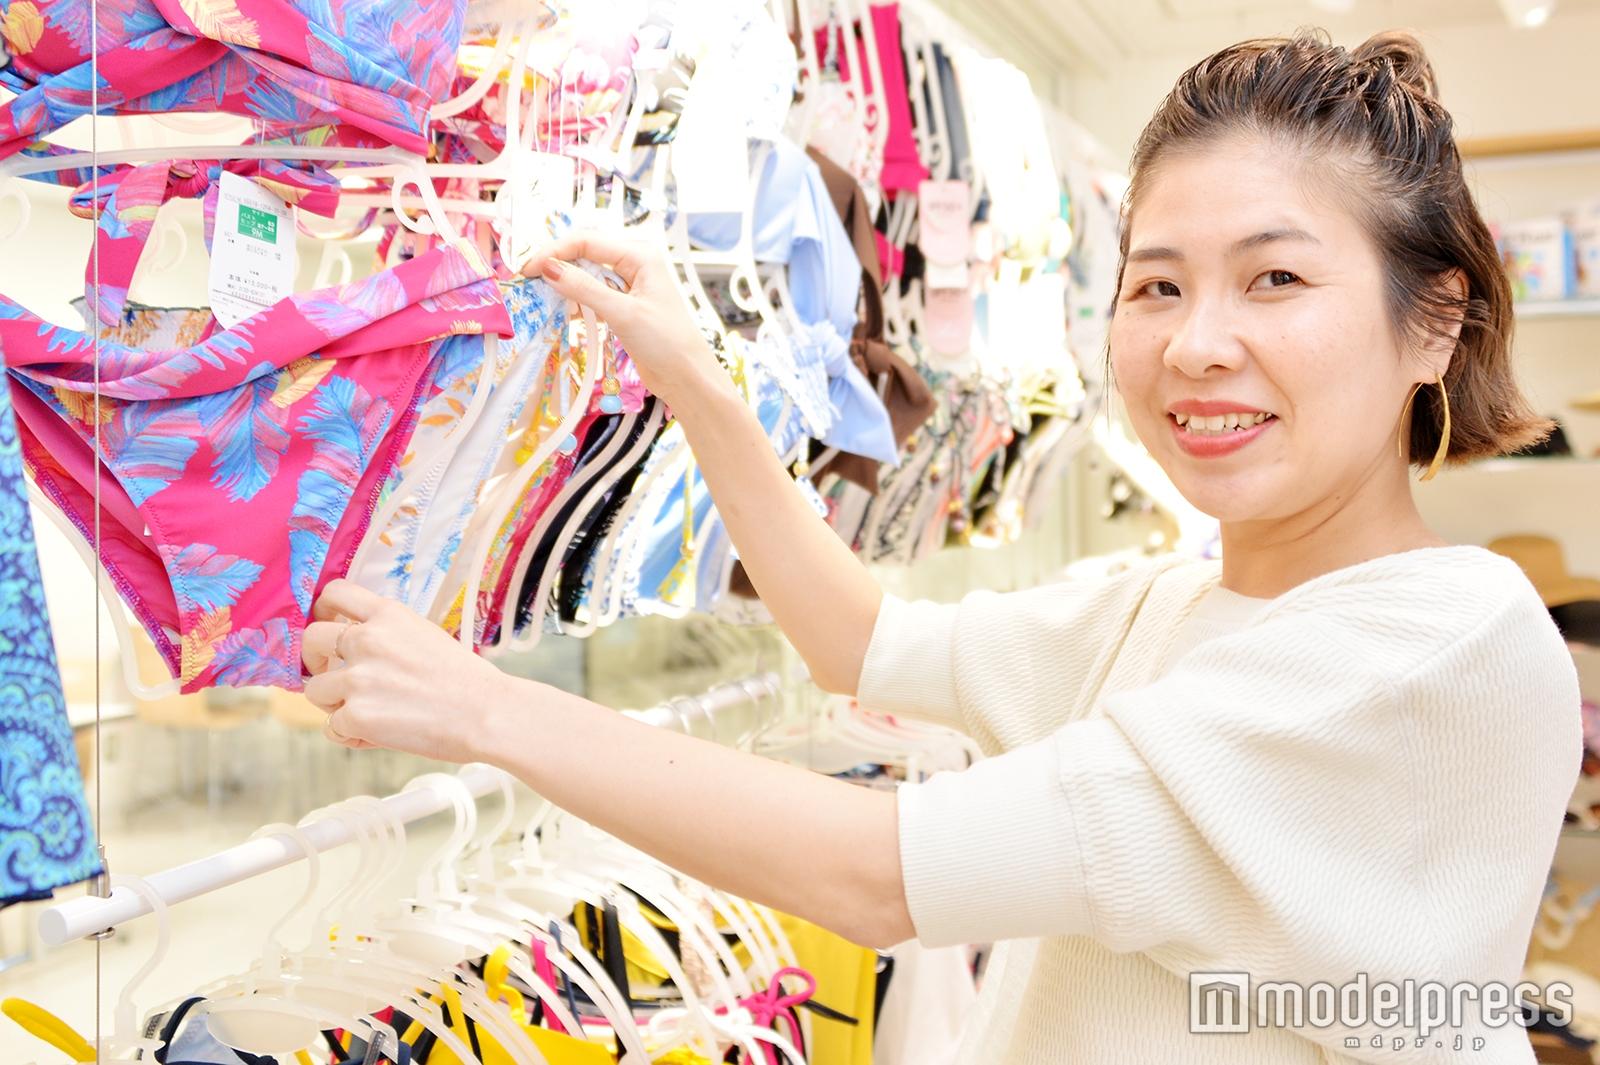 「San-ai Resort」デザイナーの廣重富美子さん(C)モデルプレス